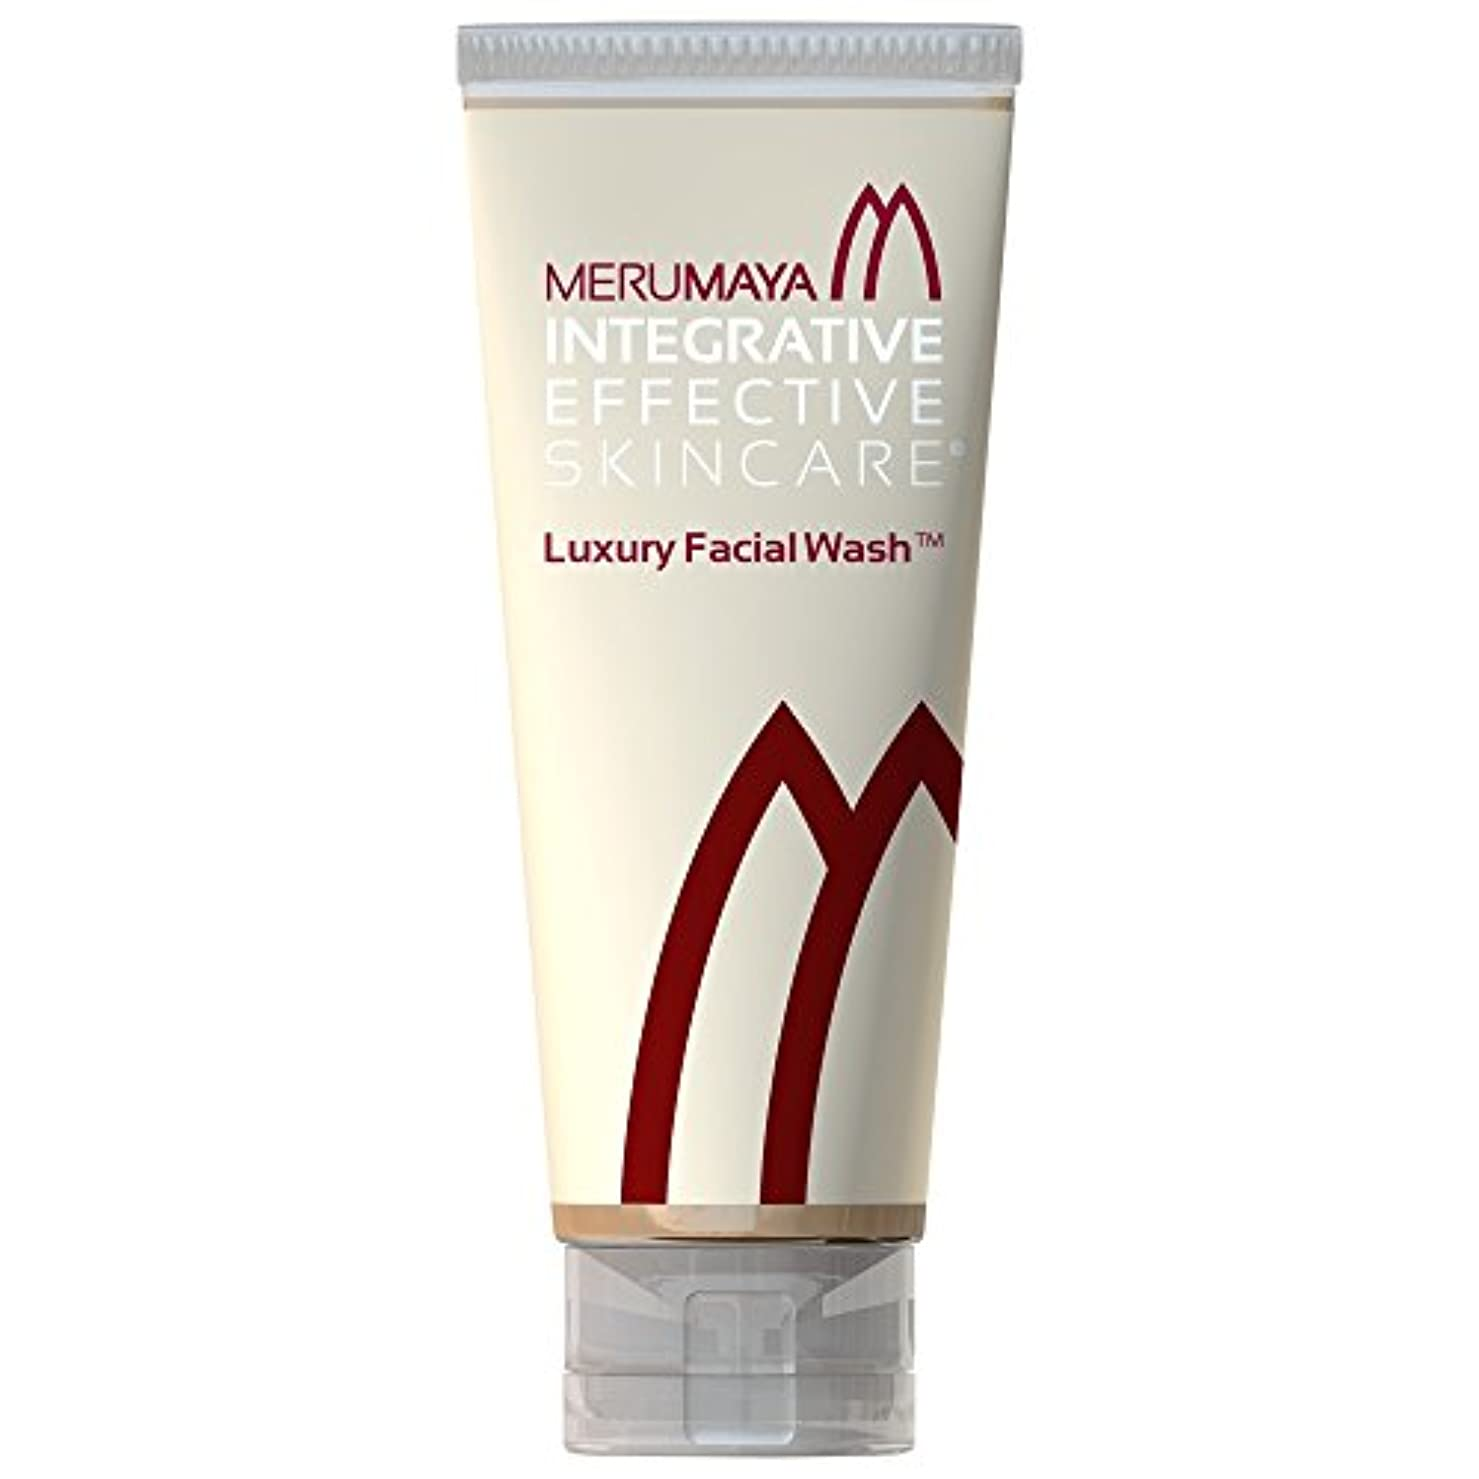 ハグ編集者キャリッジMerumaya高級洗顔?、100ミリリットル (Merumaya) (x6) - MERUMAYA Luxury Facial Wash?, 100ml (Pack of 6) [並行輸入品]